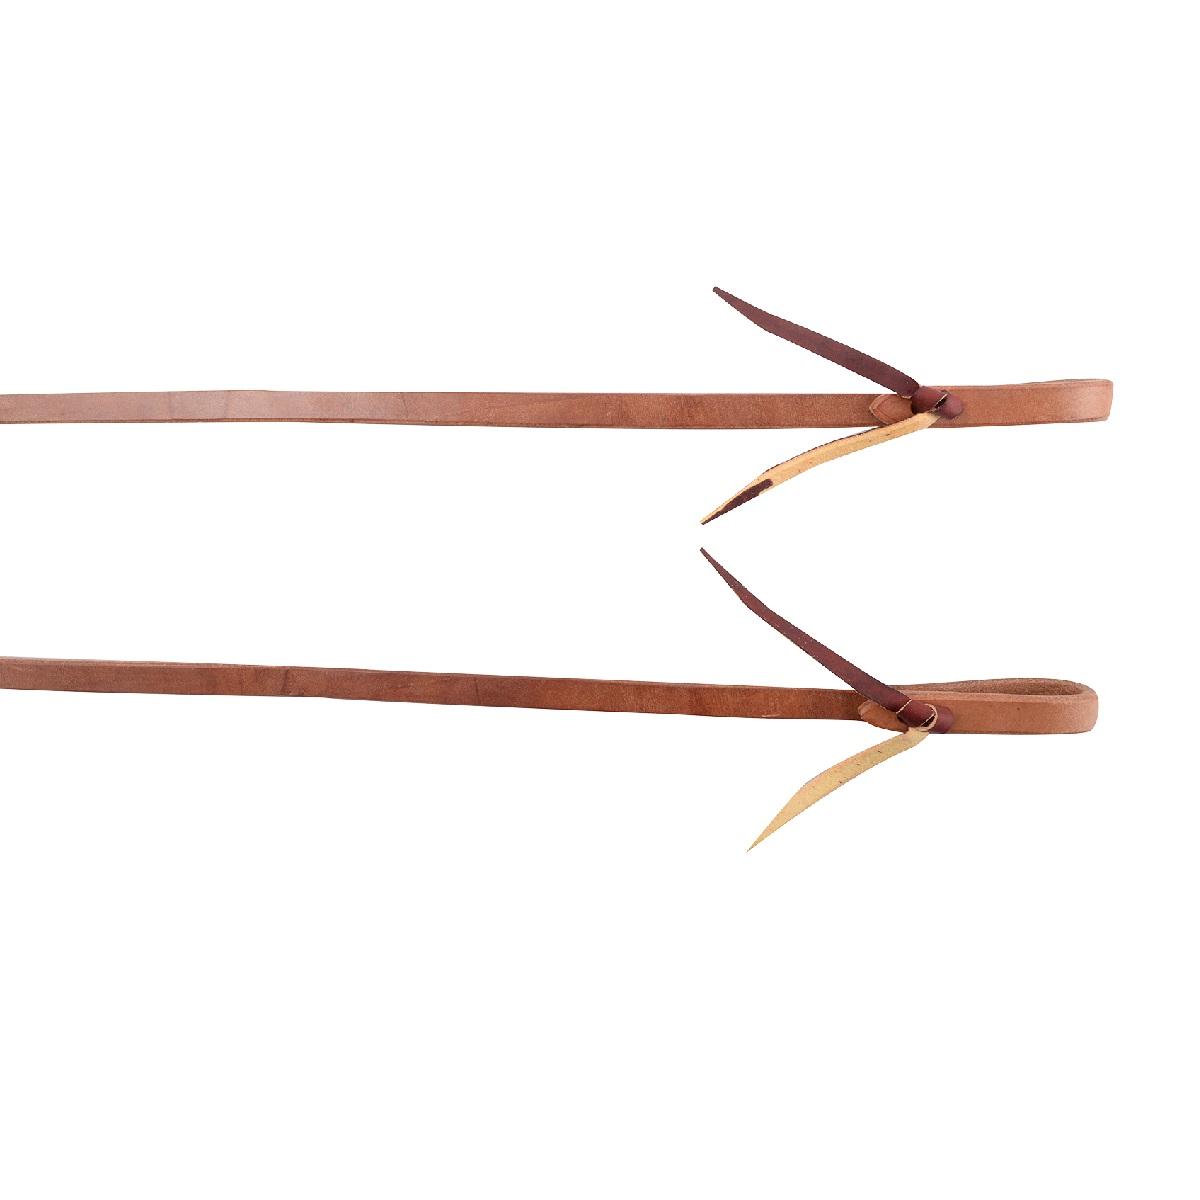 Harness Split Rein by Martin Saddlery